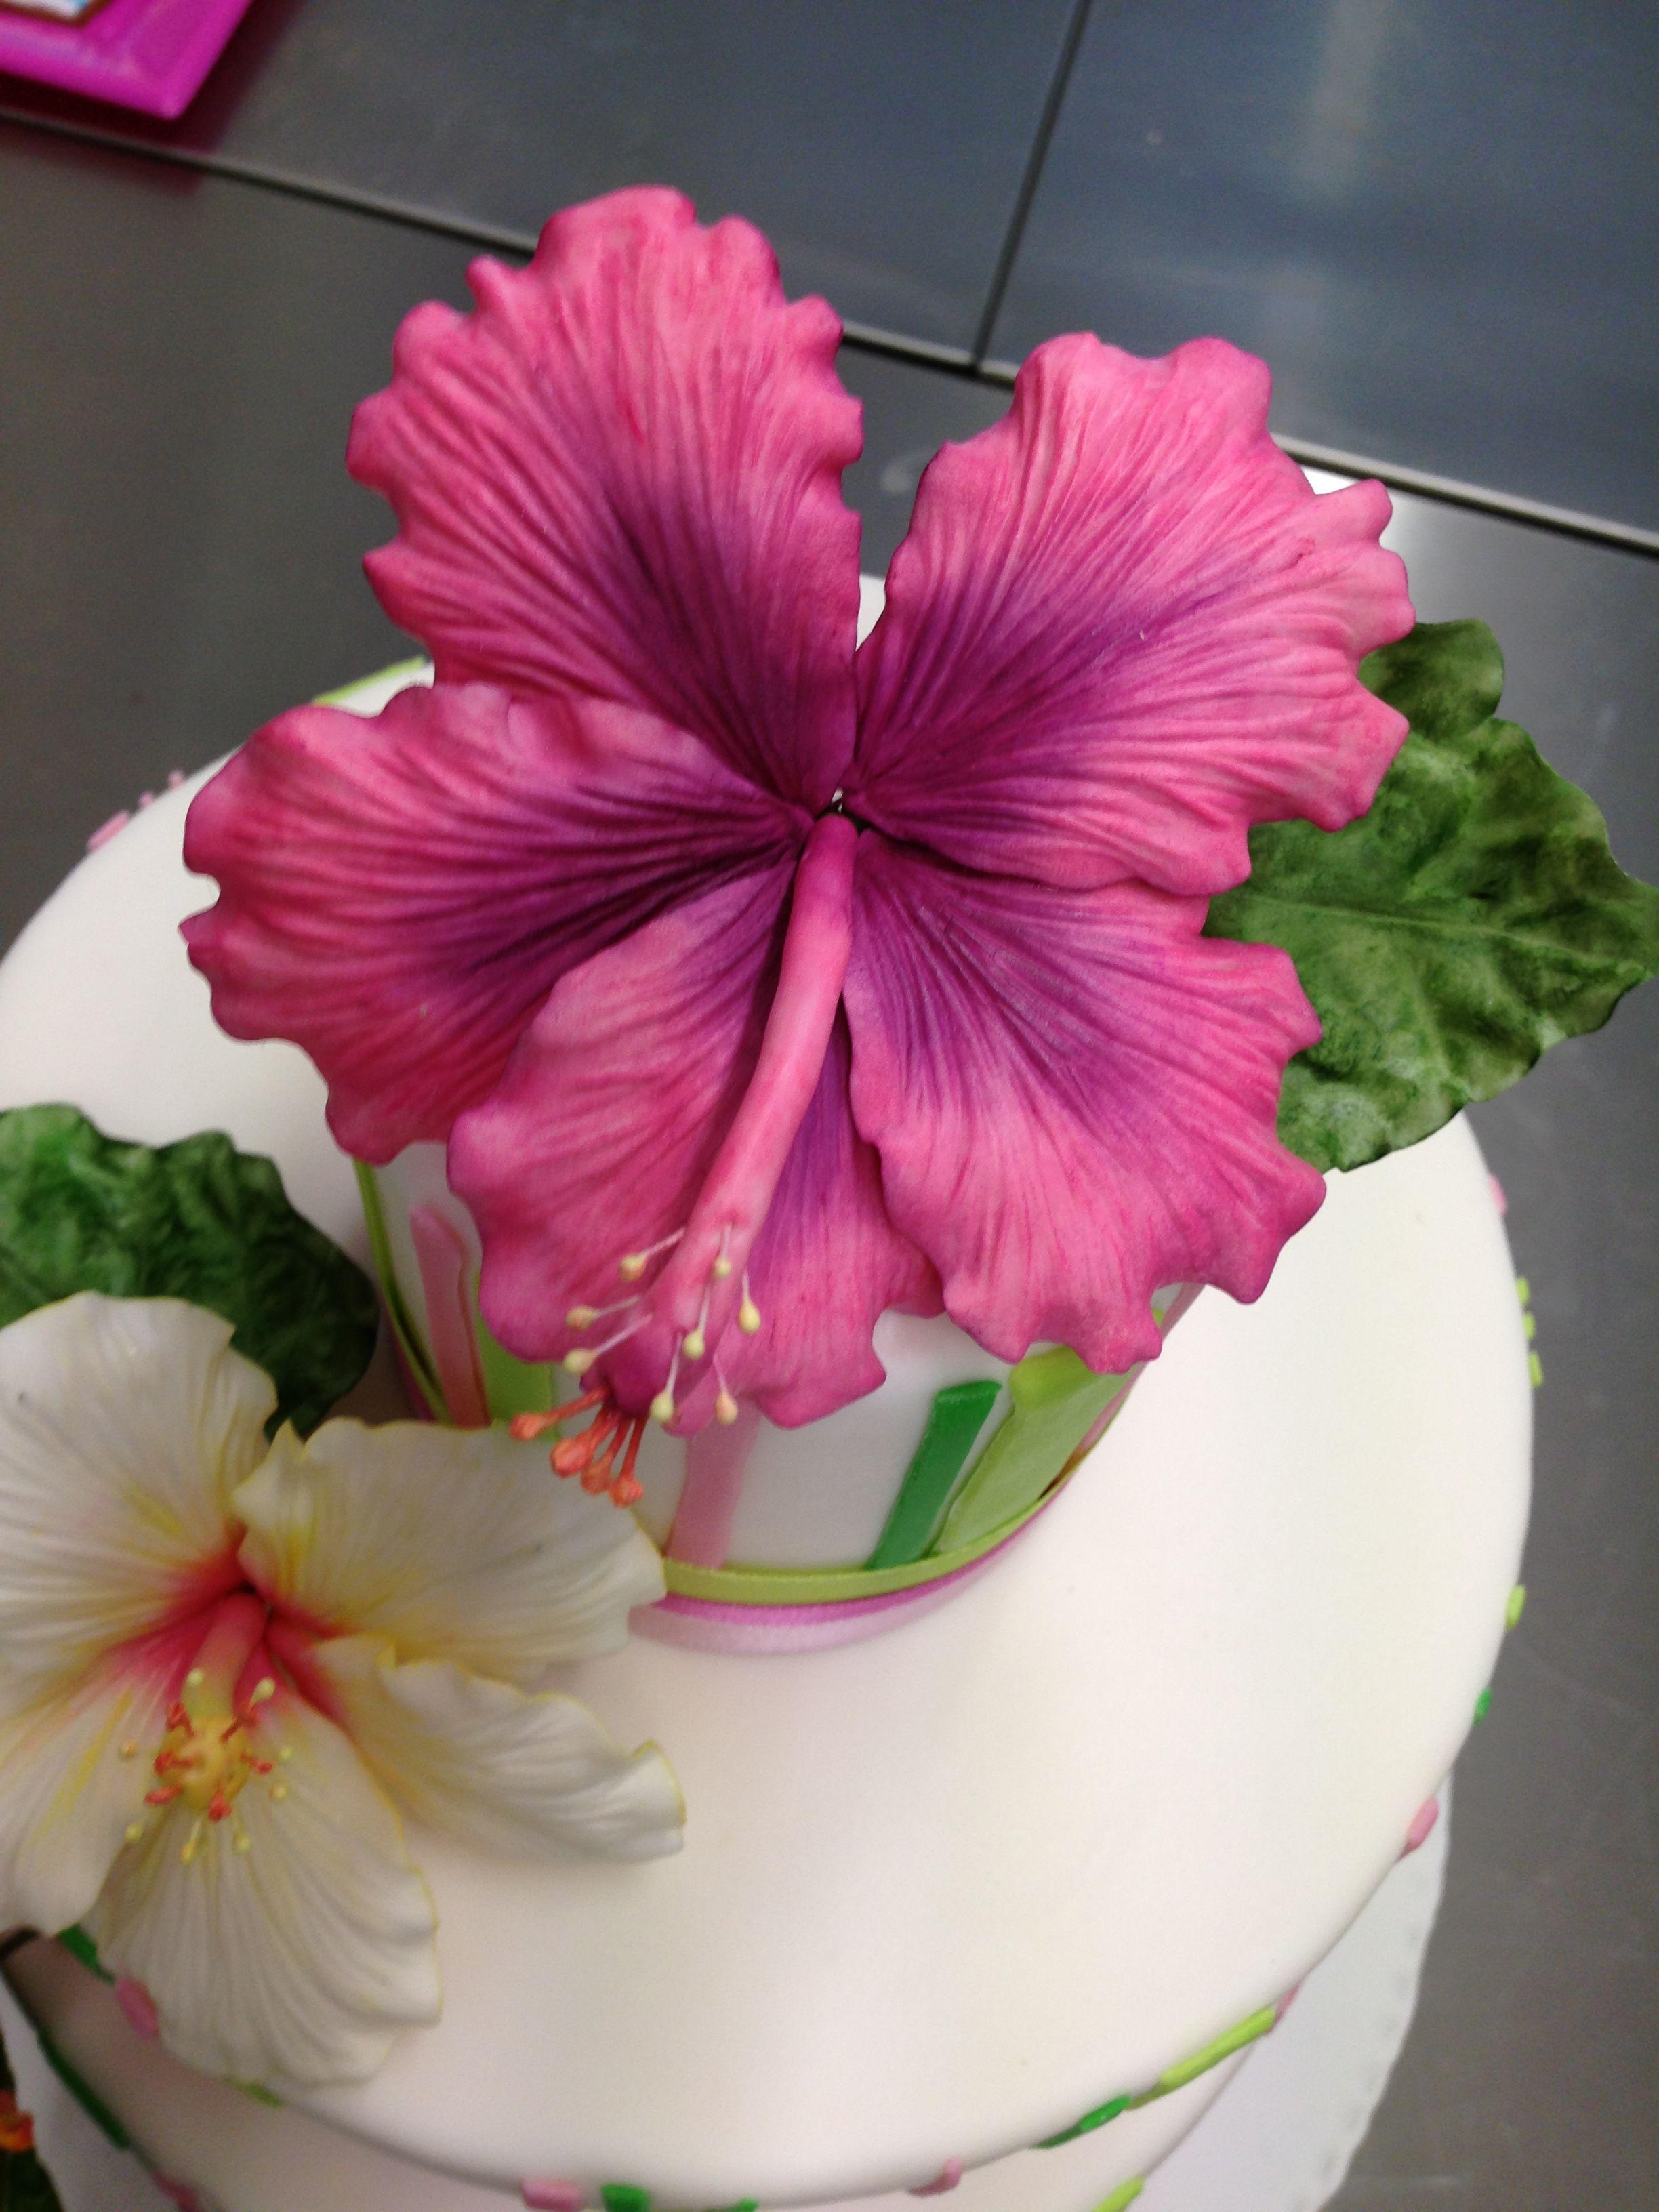 Hibiscus 3y picture tutorial flowers sugar pinterest hibiscus 3y picture izmirmasajfo